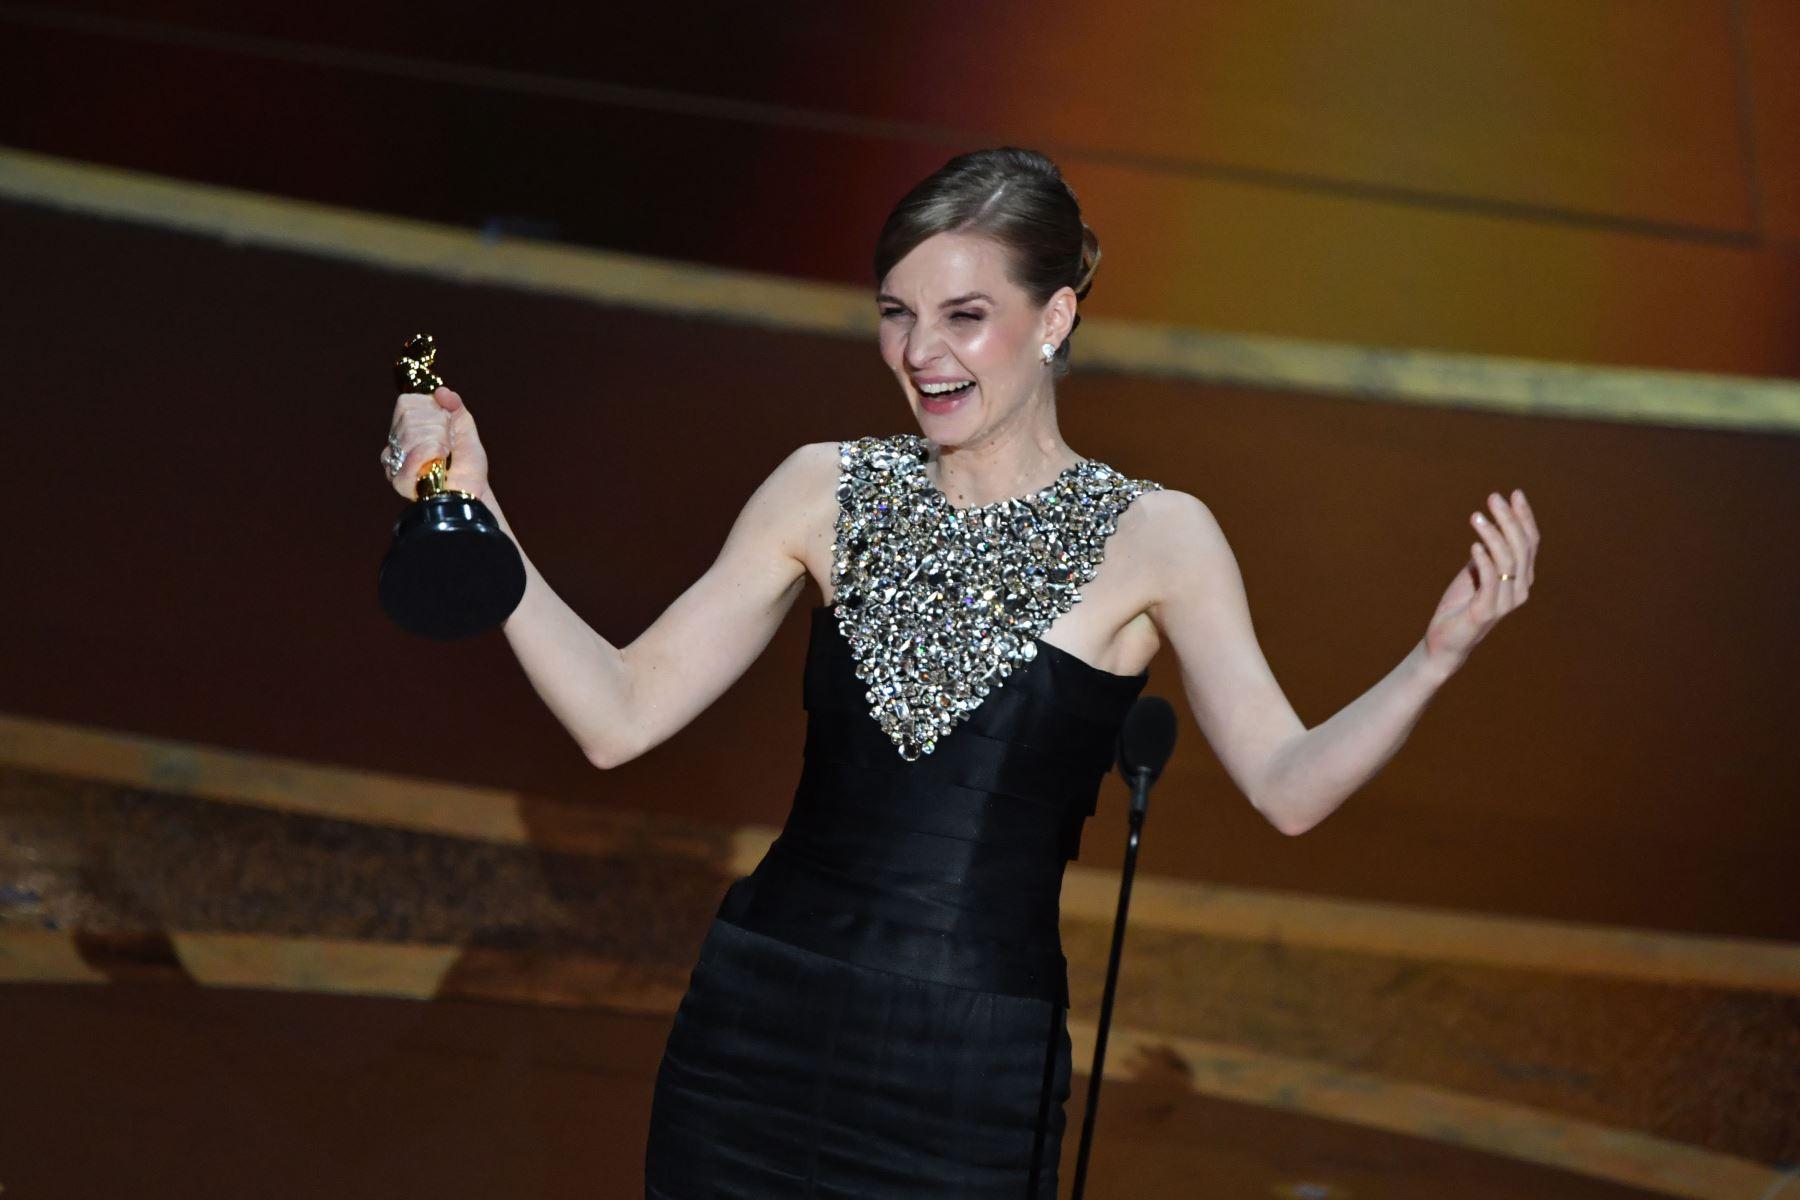 """El músico islandés Hildur Gudnadottir acepta el premio a la mejor partitura original por """"Joker"""" durante la 92a edición de los Oscar en el Dolby Theatre de Hollywood, California. Foto: AFP"""